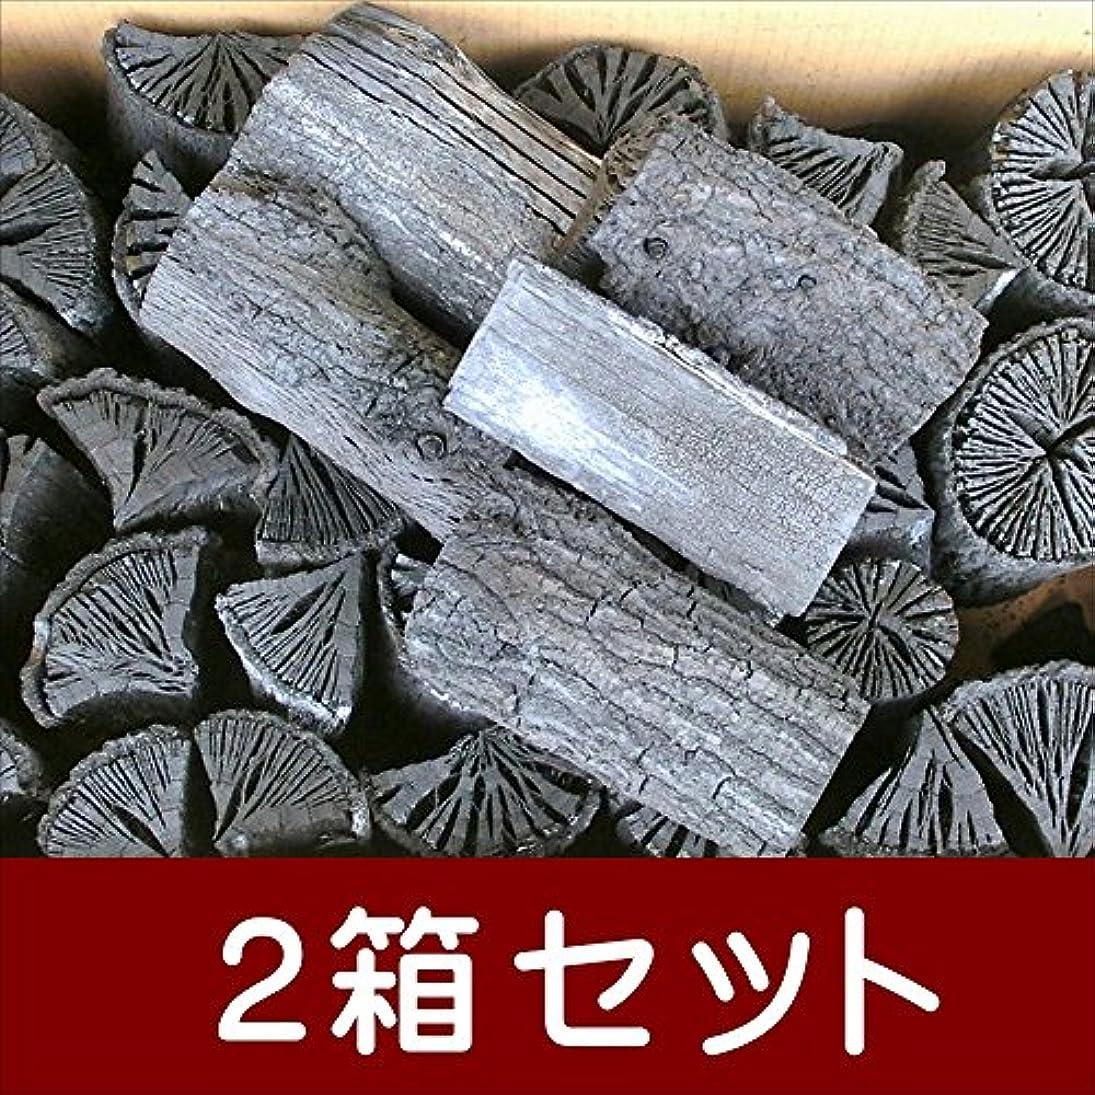 木炭 炭 備長炭 バーベキュー オガ炭 自社製 大分椚炭(くぬぎ炭)切炭13cm10kg 2箱セット 大分県産 最高級